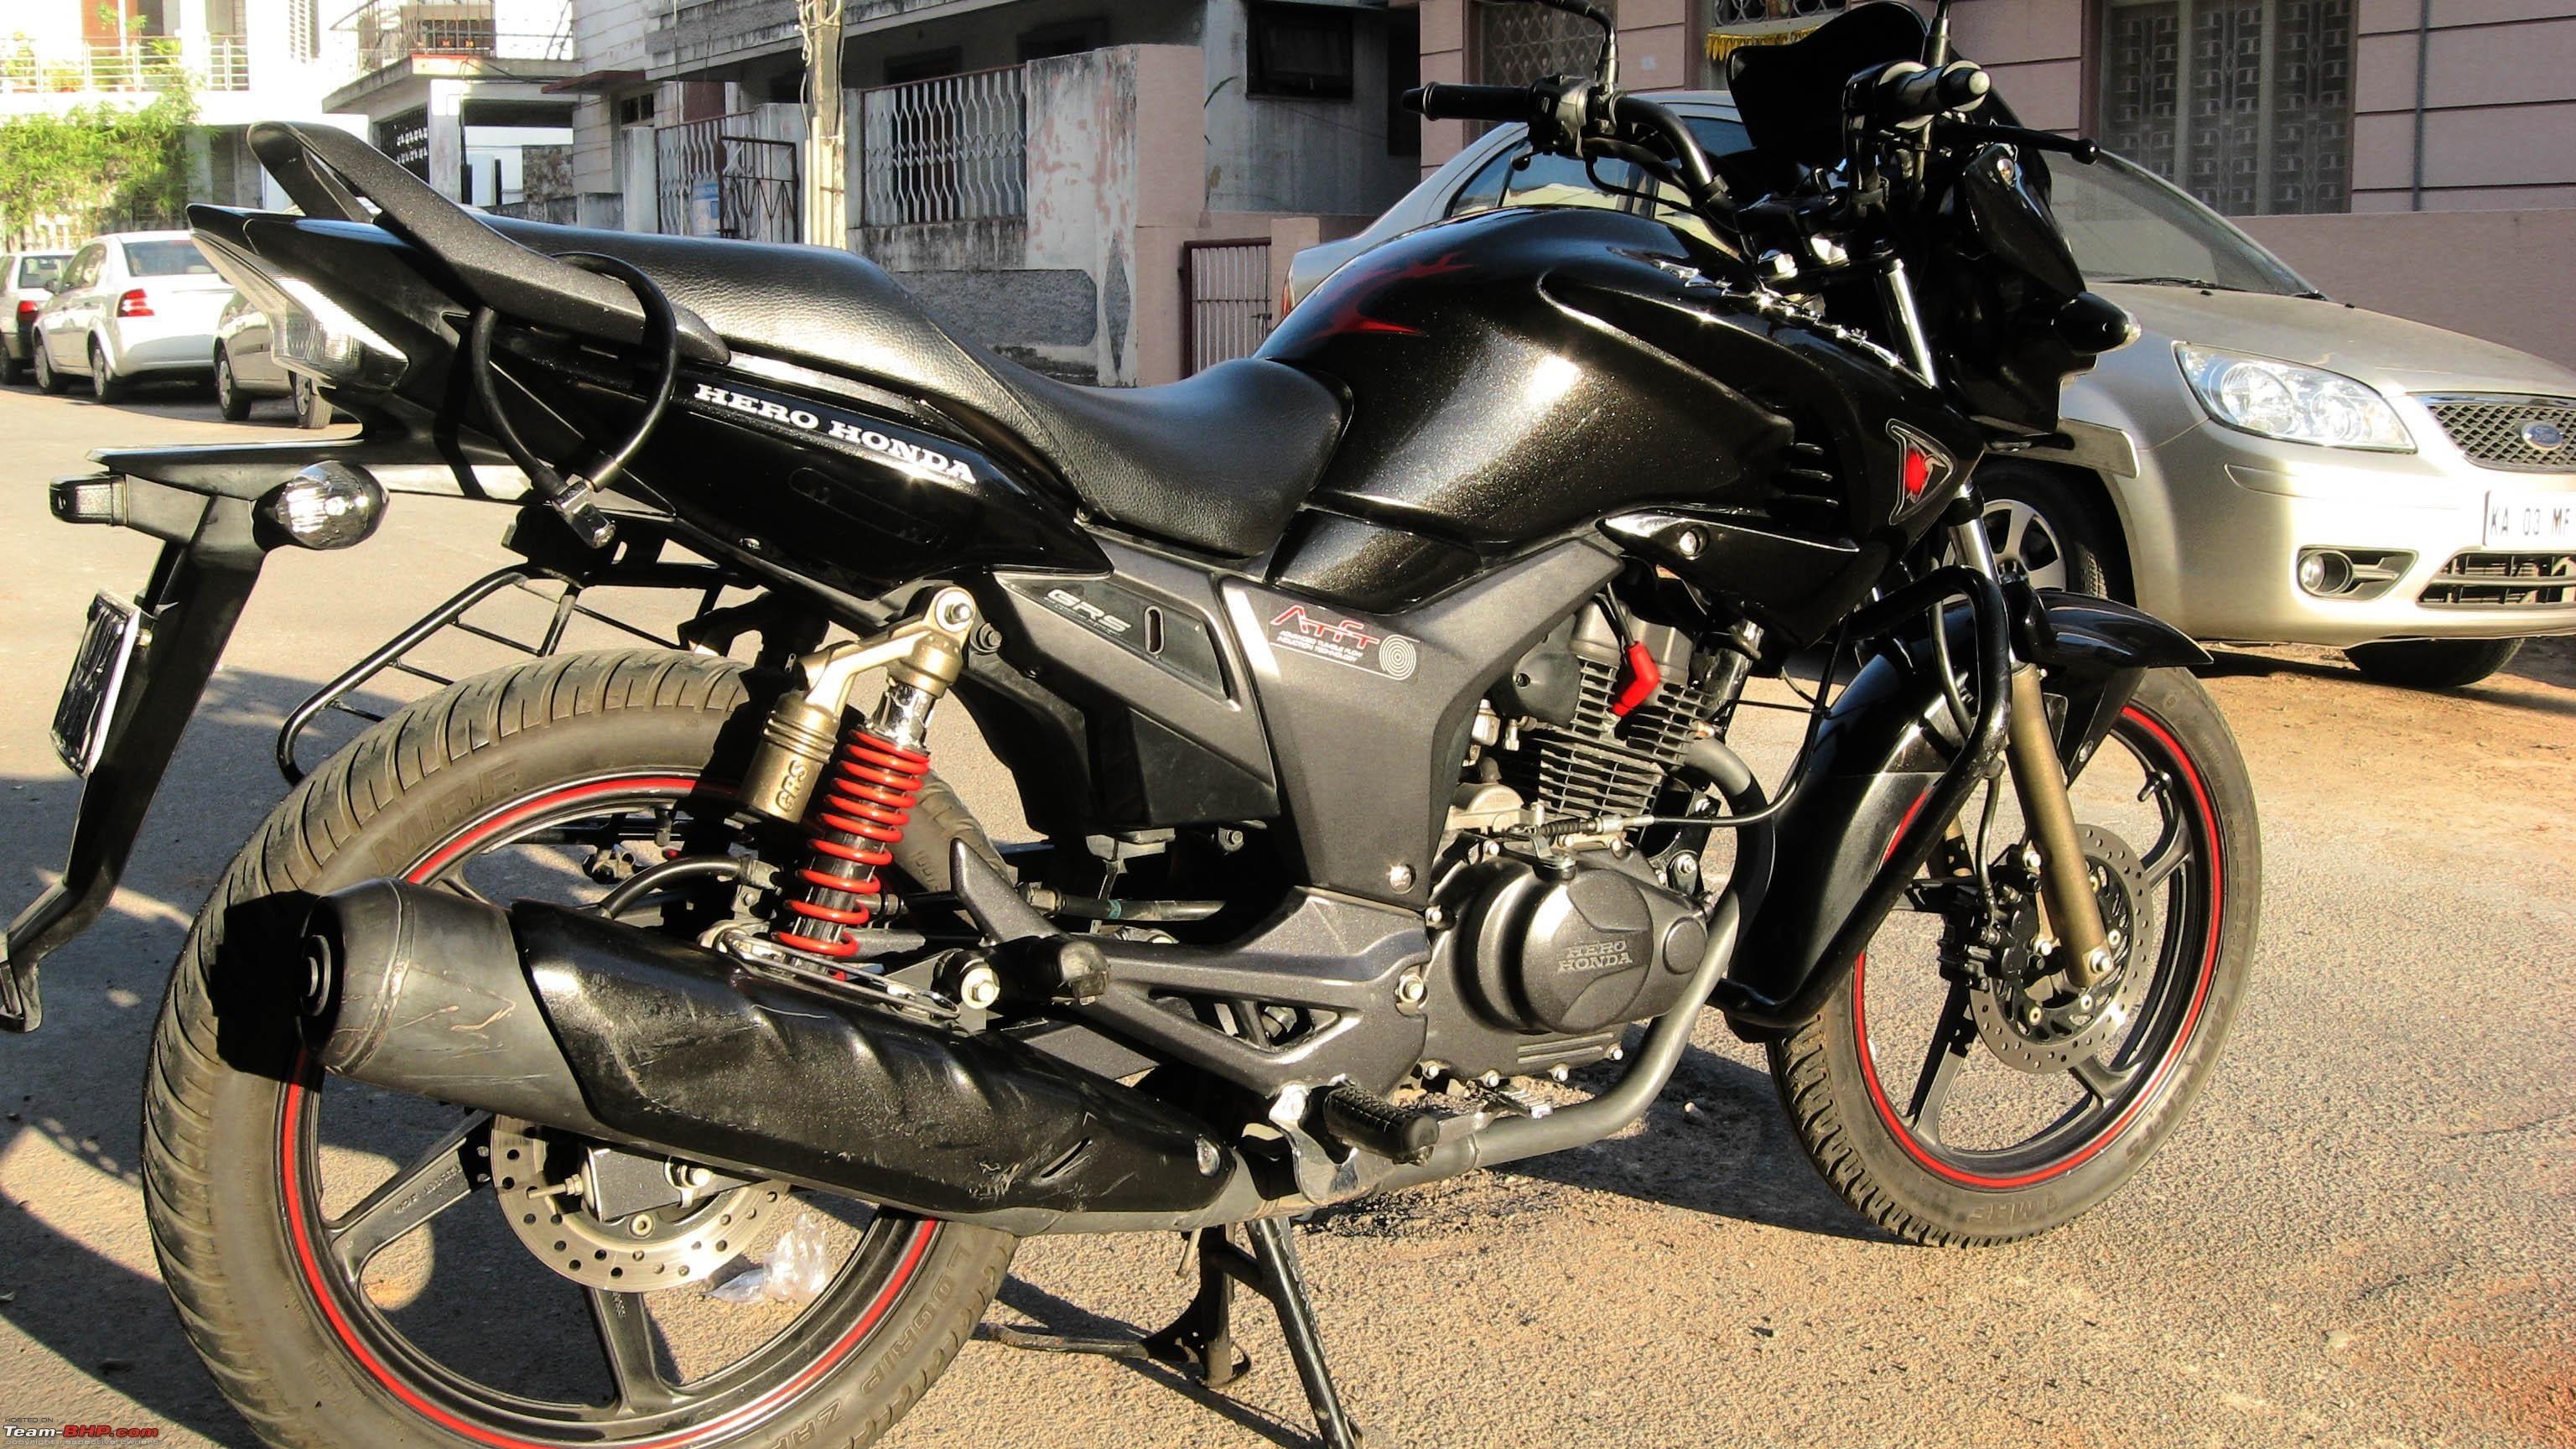 Res: 3072x1728, Hero Honda Hunk Ownership Review: 40,000 kms & 165cc (Joel'ed .